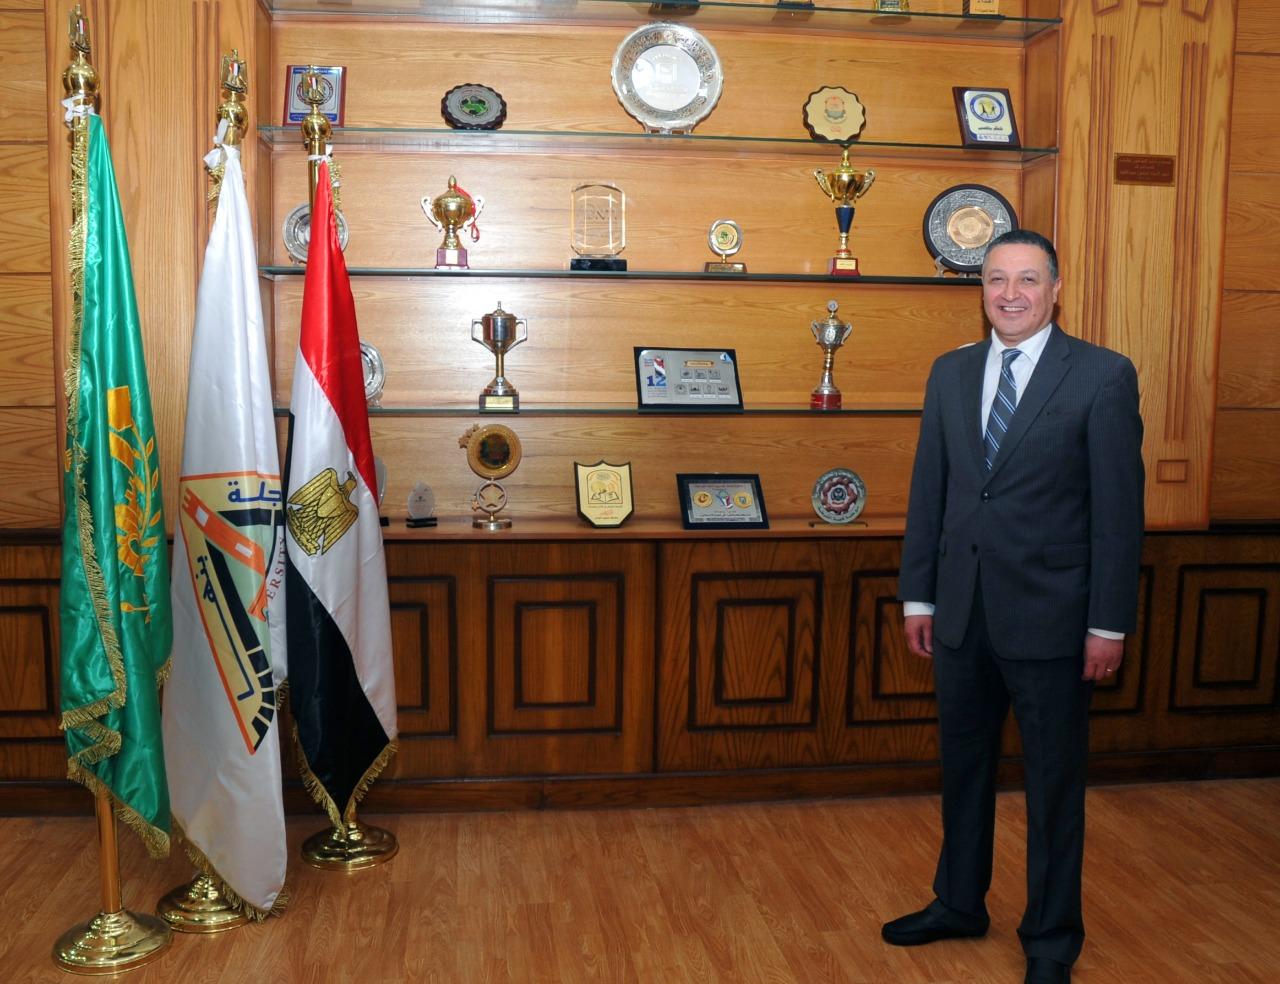 رئيس جامعة بنها عضوا بمجلس النواب.. نجح فى إنجاز العديد من الملفات الهامة وأدار العمل بروح الفريق